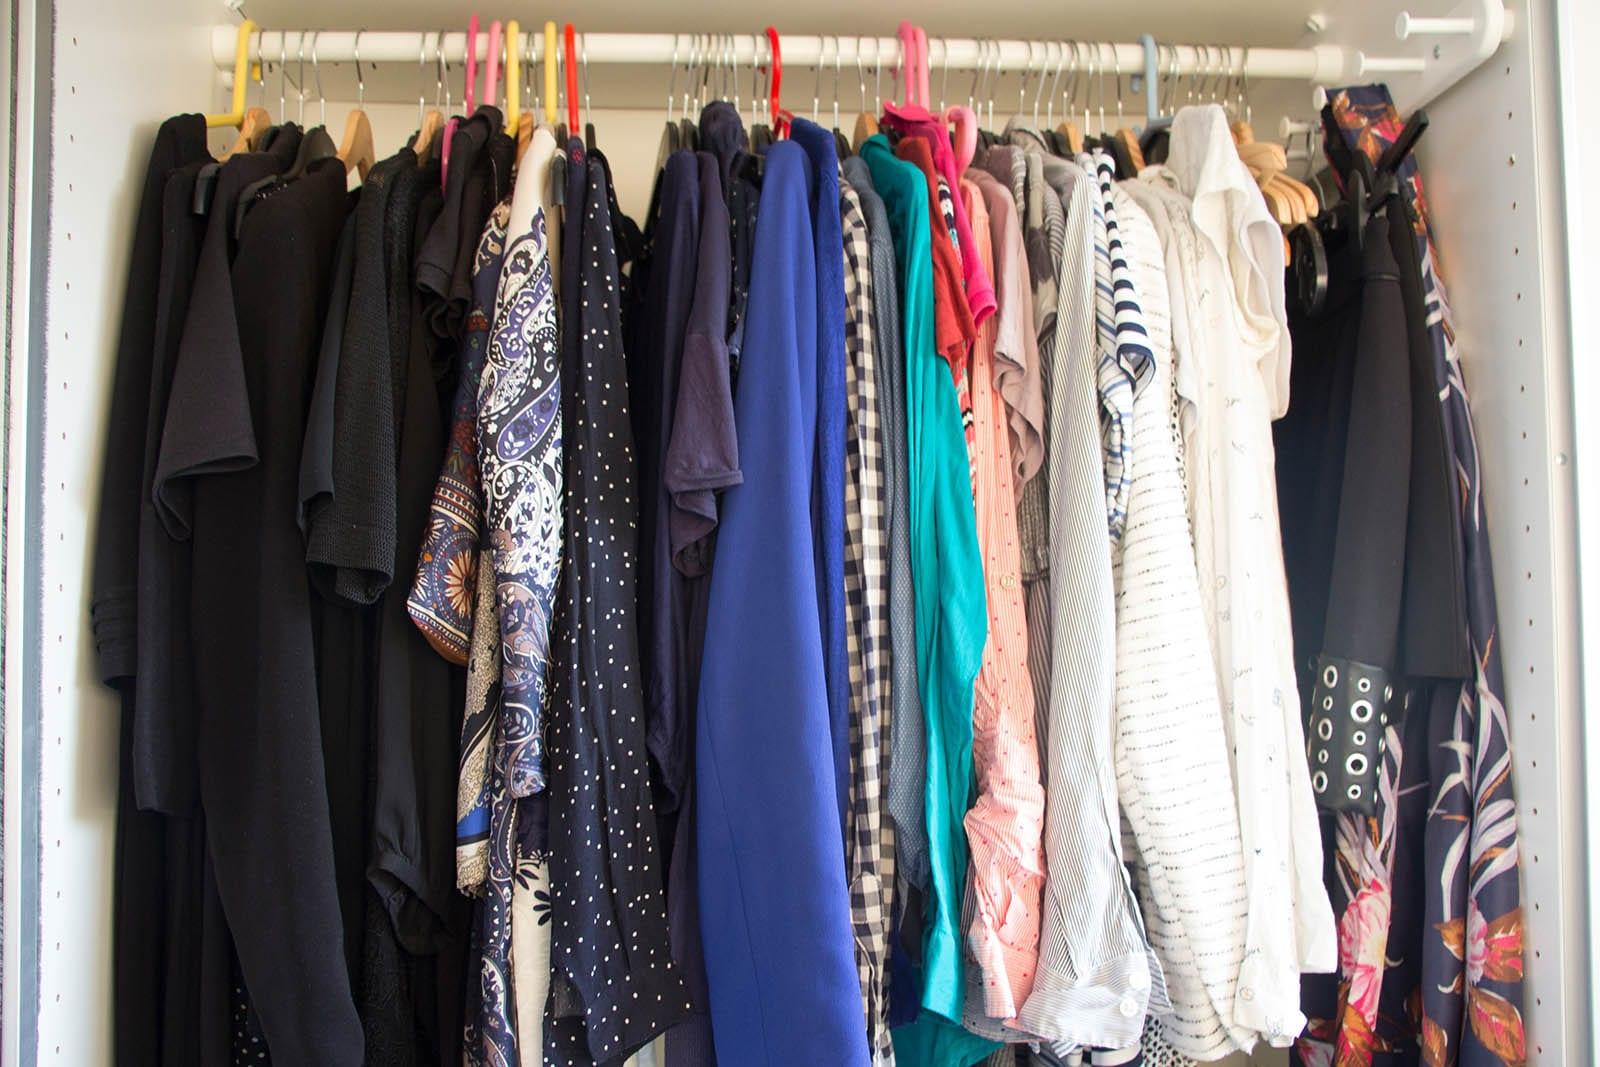 Ausmisten Challenge – endlich wieder im Platz im Kleiderschrank. Ab sofort heißt es Detox für den Kleiderschrank